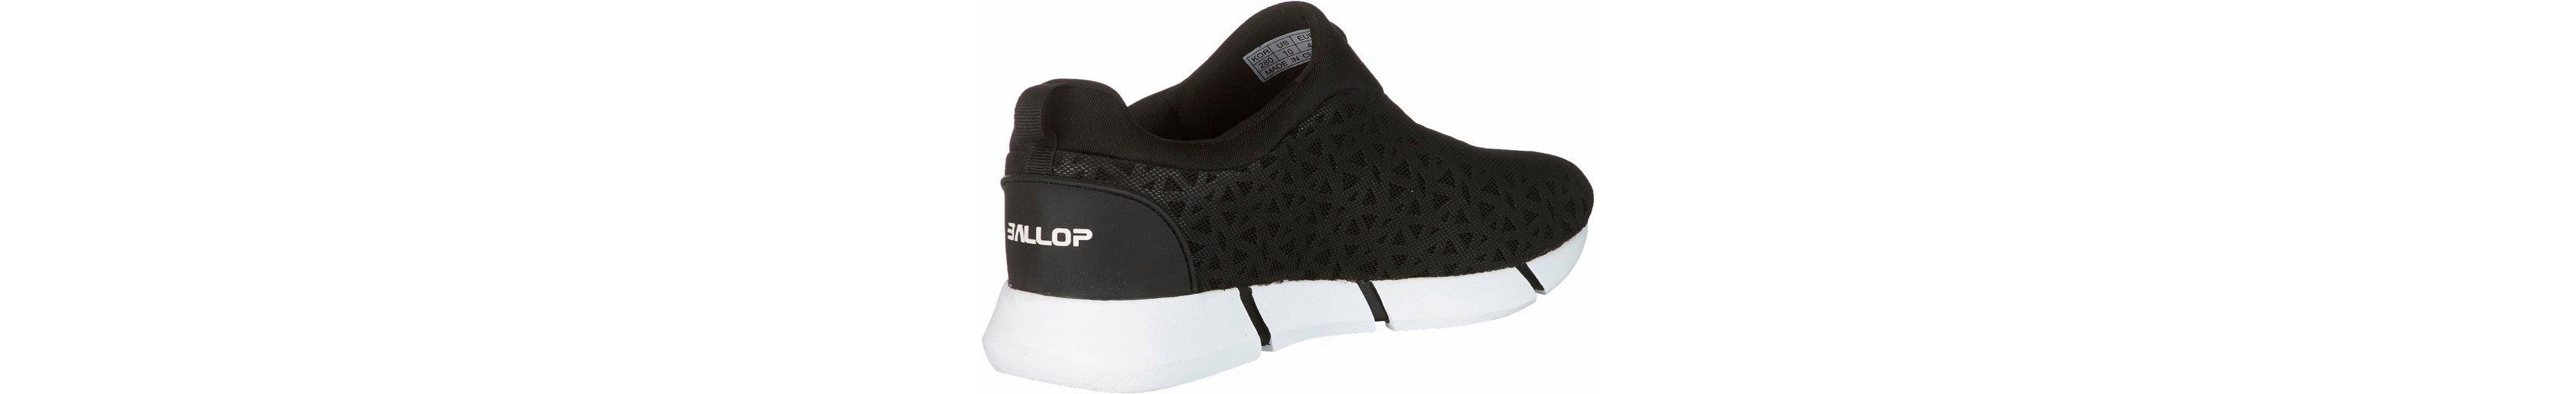 Ballop Flight Sneaker Günstige Top-Qualität BglEFv